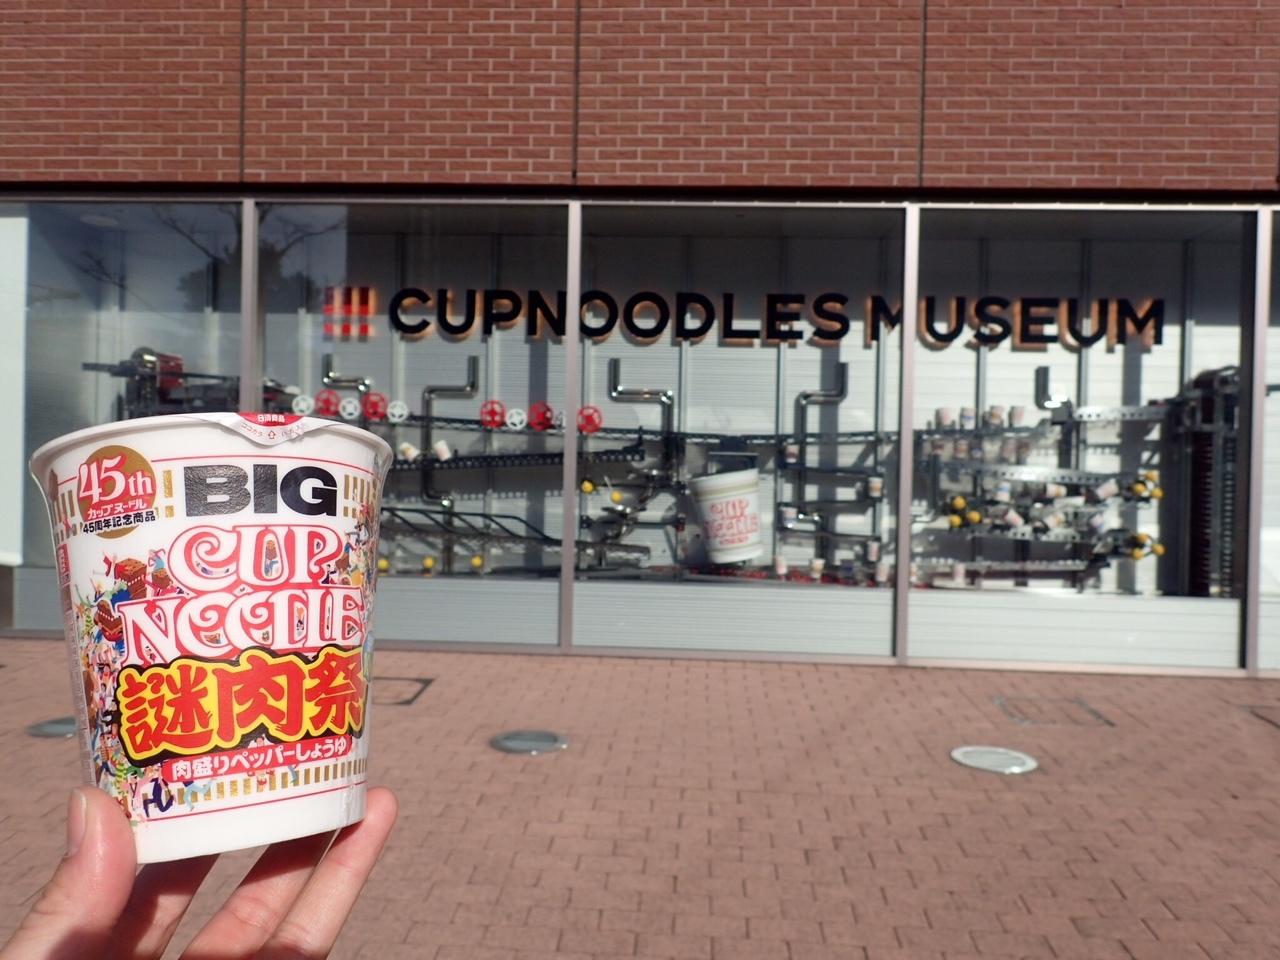 カップヌードルミュージアムで謎肉祭りと記念撮影